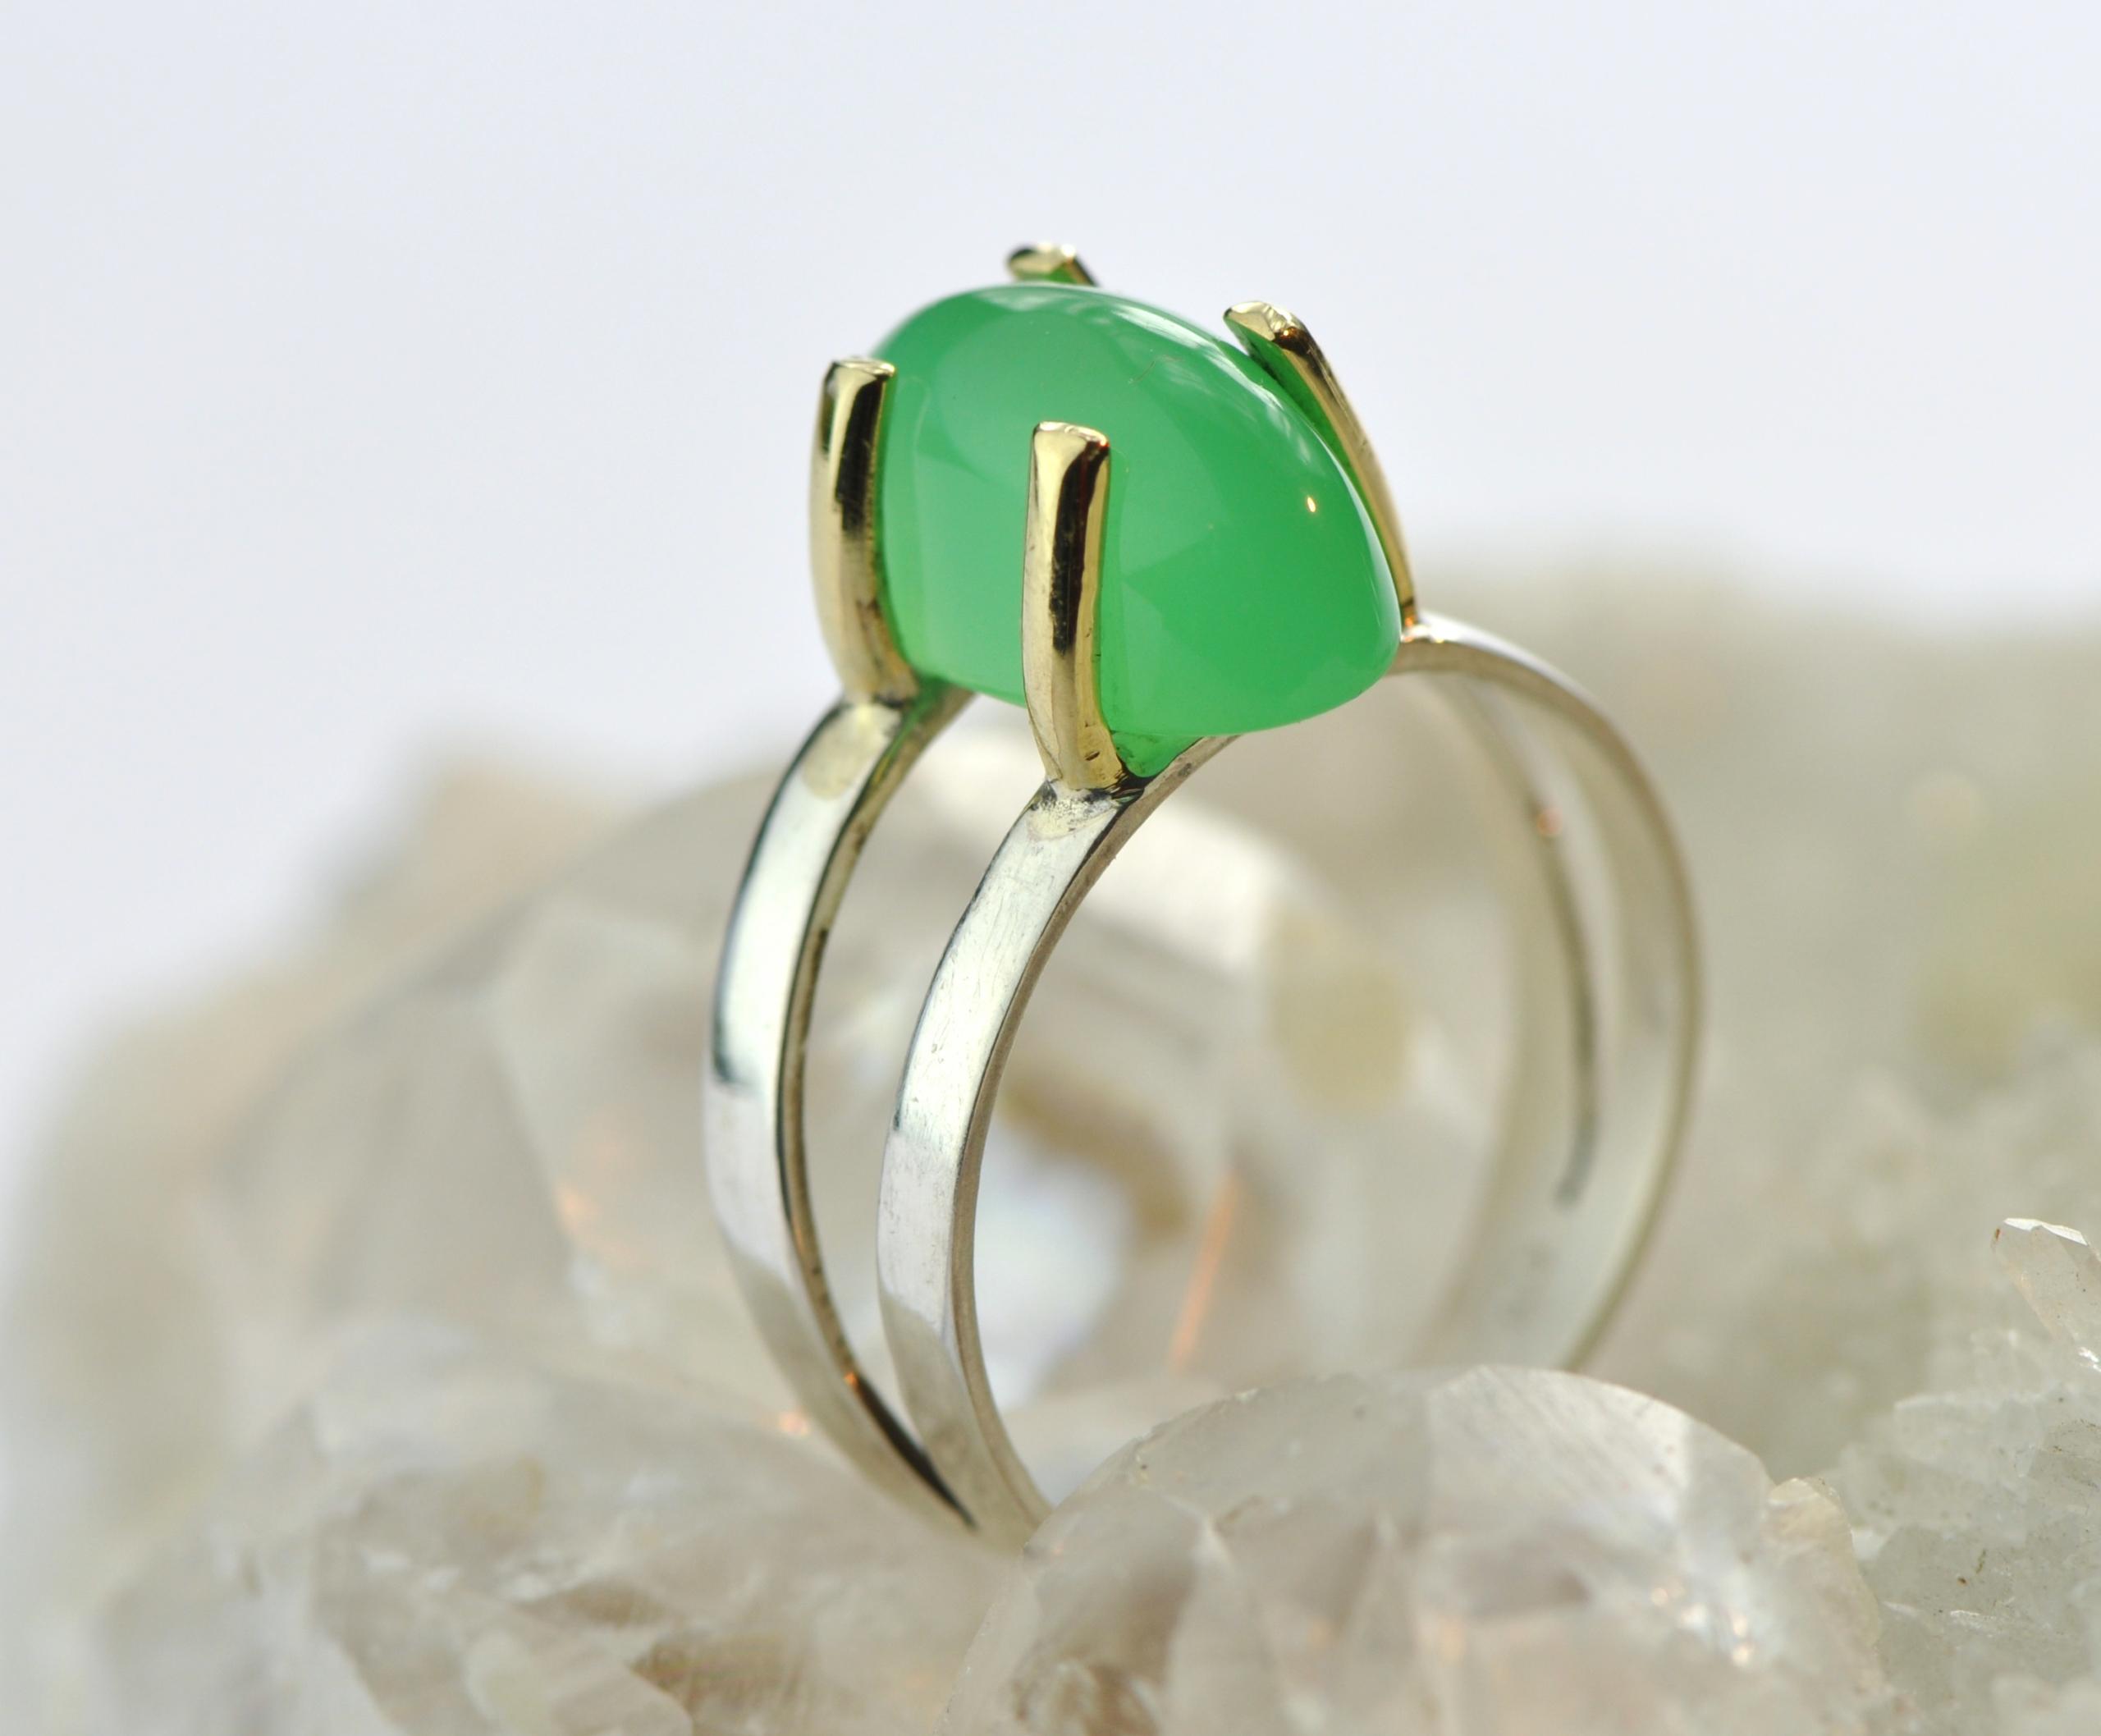 Ring chrysopraas met zilver en goud, New Beginnings, steen van vernieuwing, bijzonder vormgegeven en handgemaakt door LYAM edelsmeden edelsmid